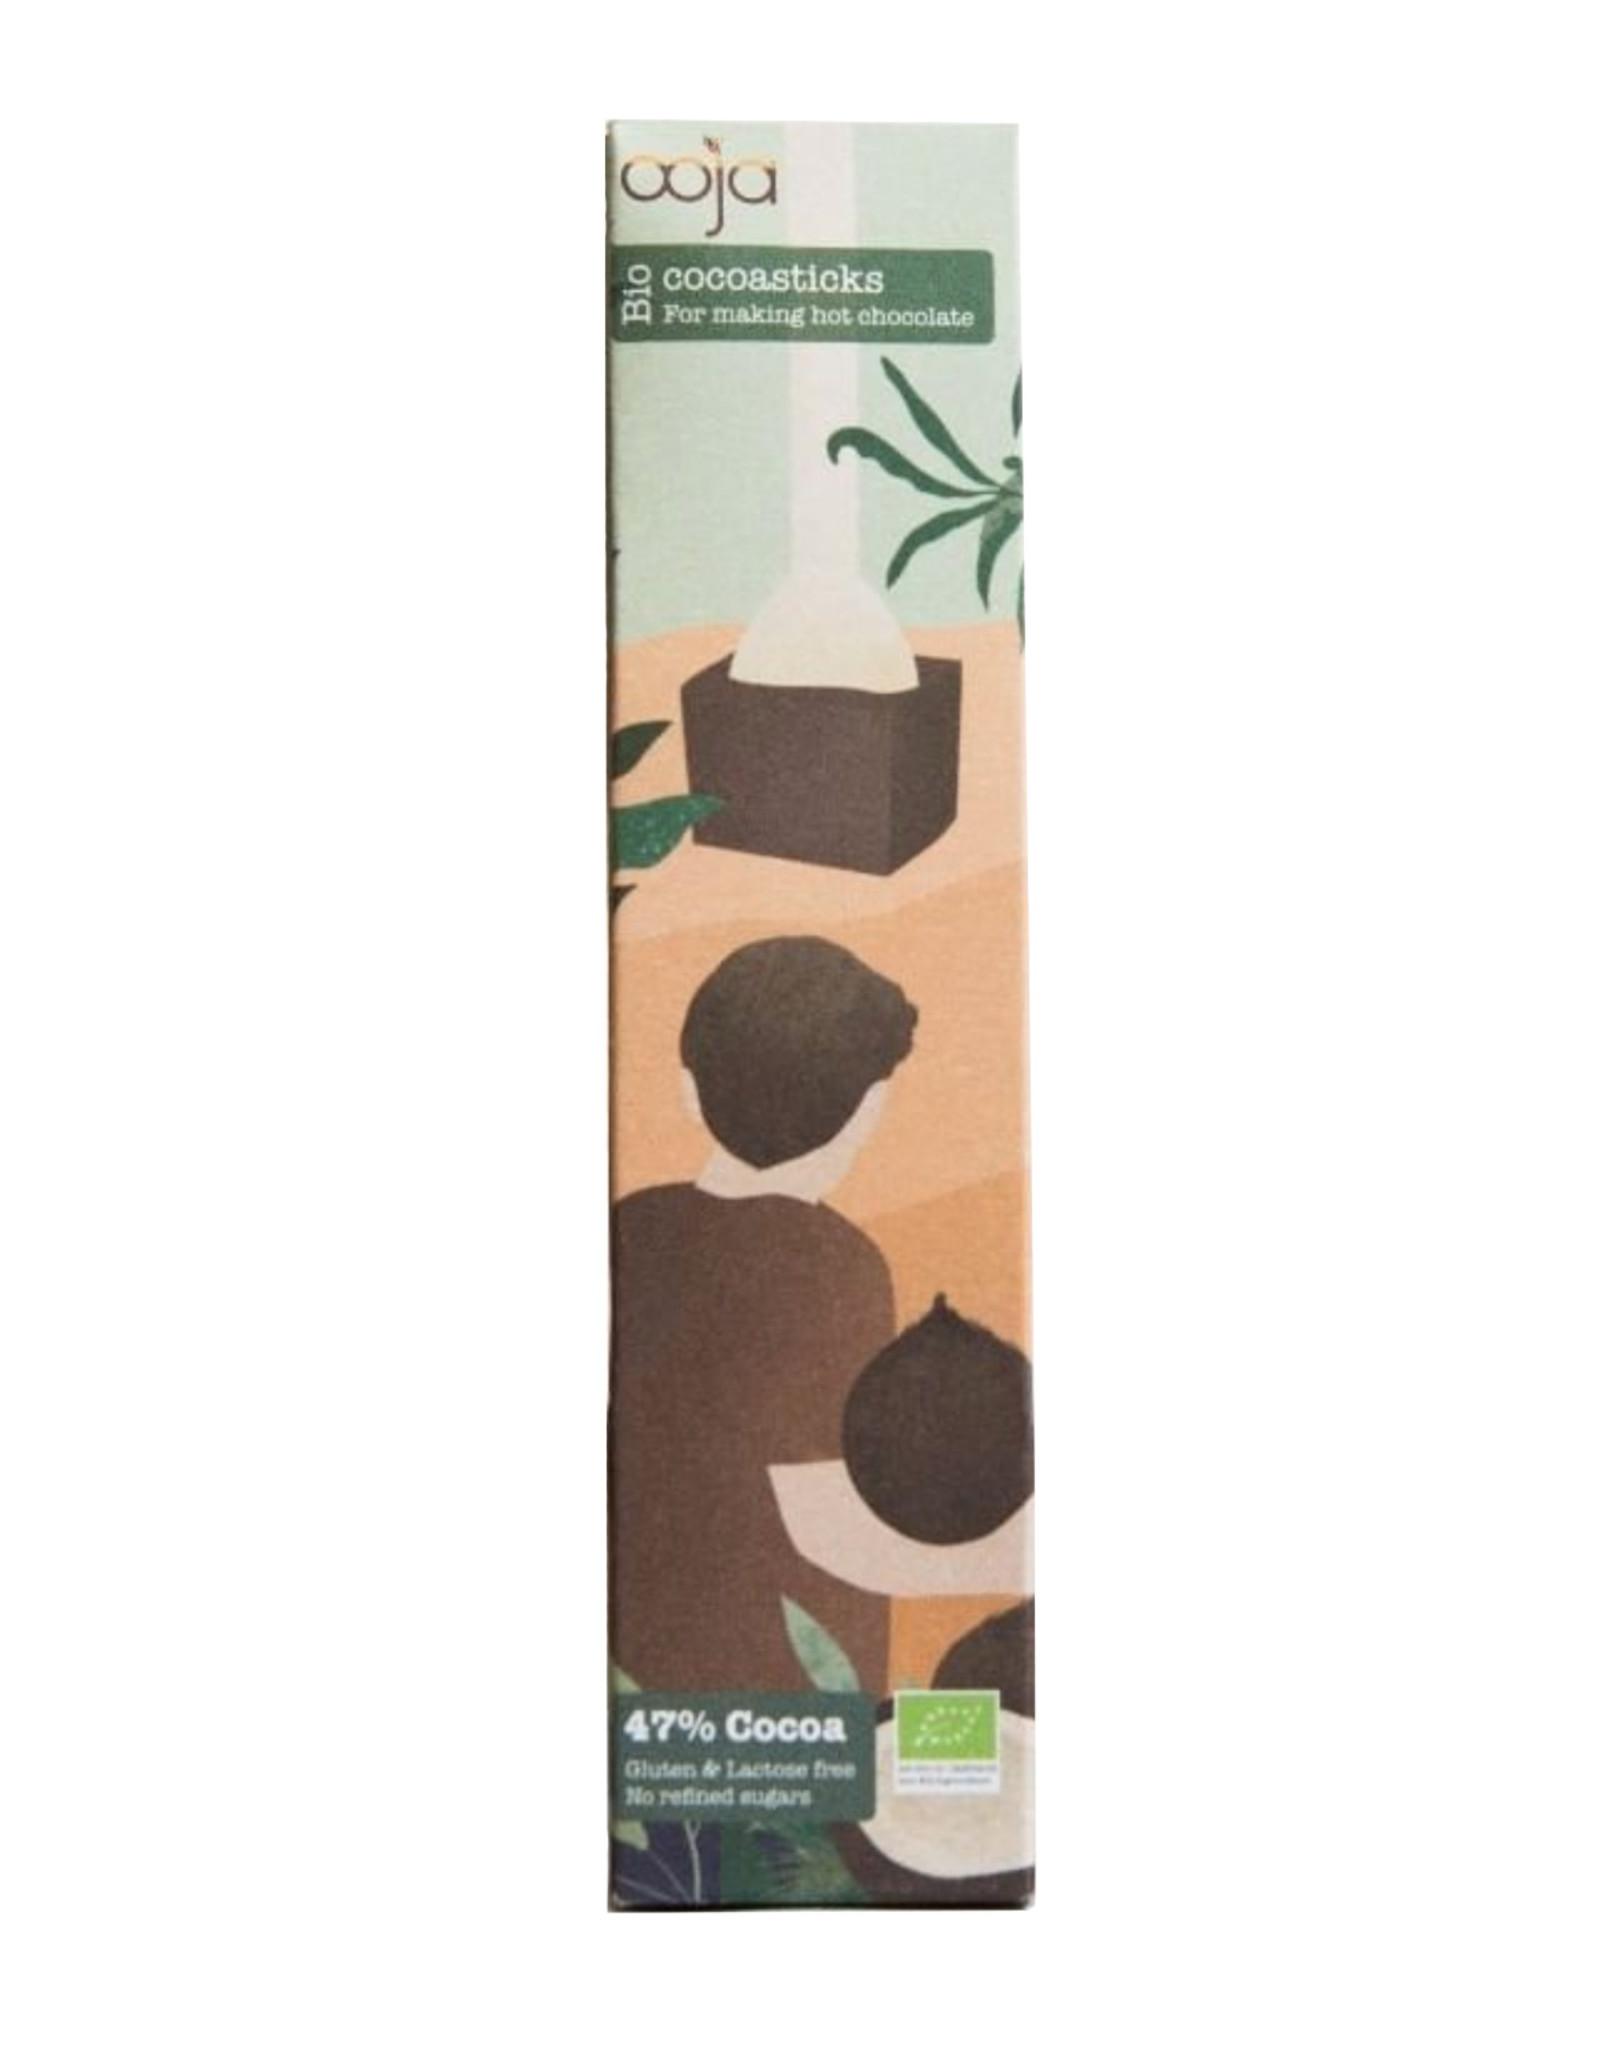 OOjA Belgische Chocostick - Cocolicious Delight (vegan): 47% cacao